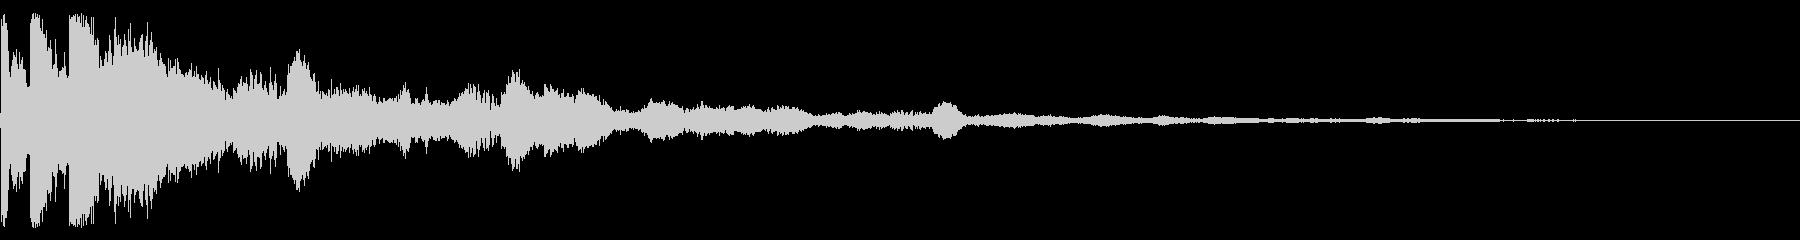 ダーク テレロン トイピアノ リバーブの未再生の波形